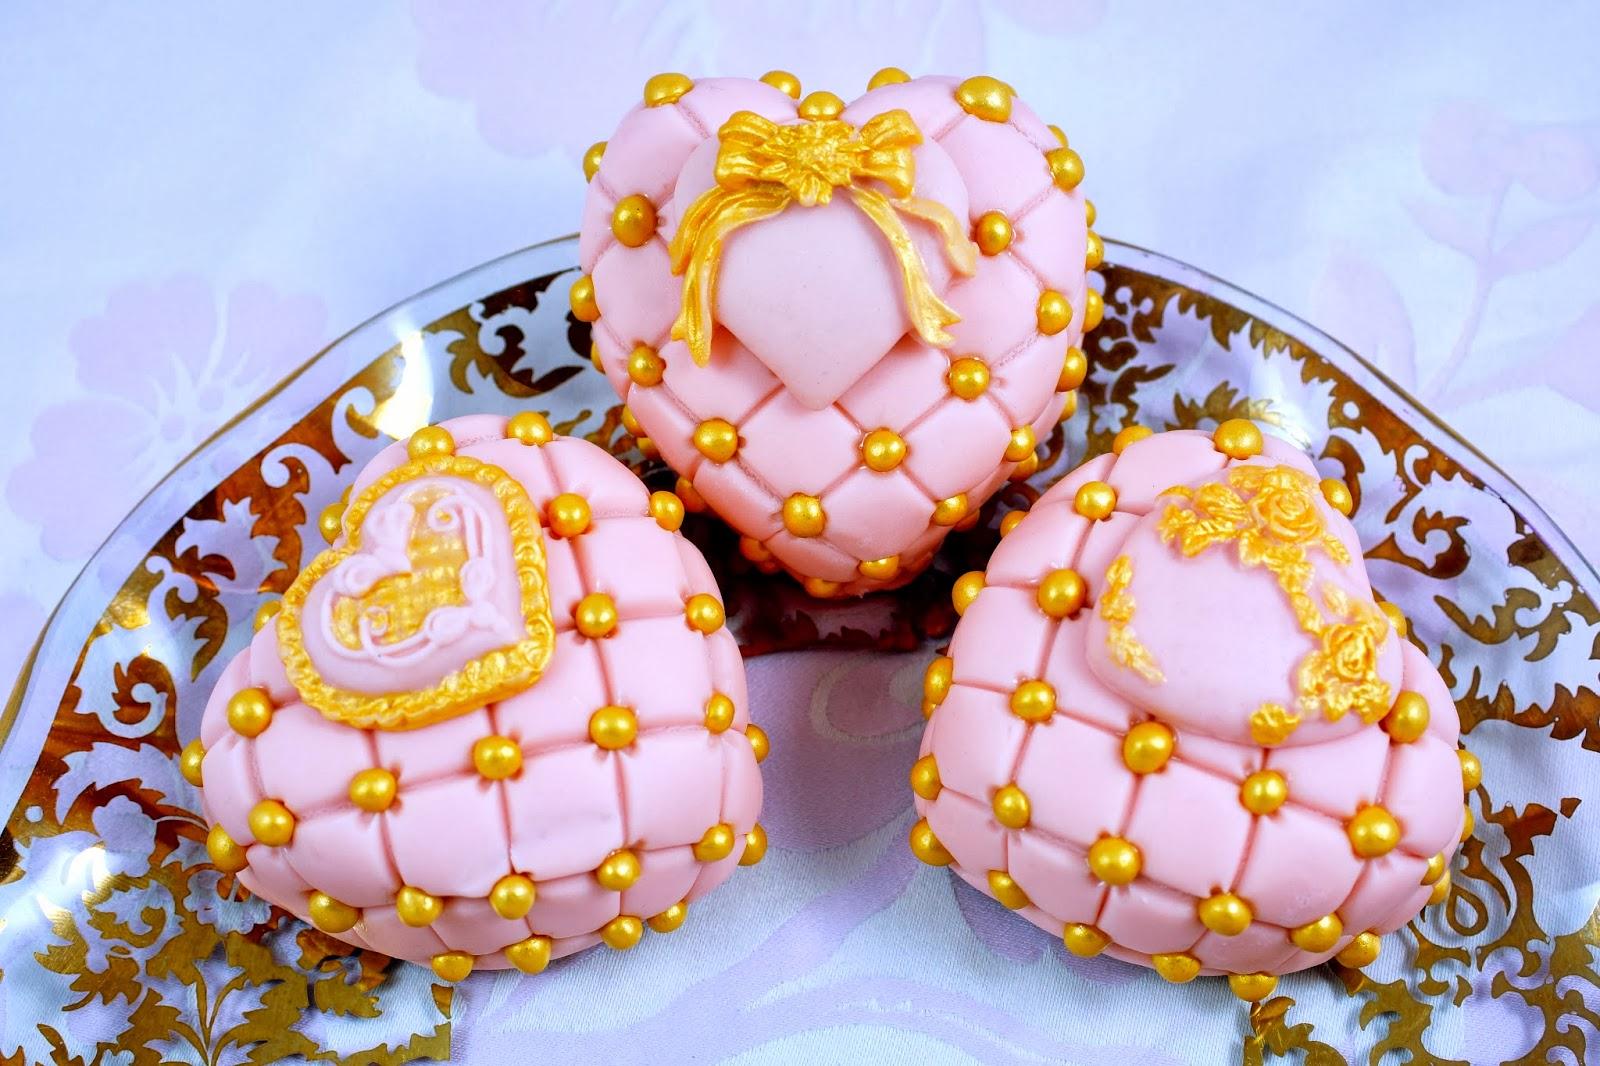 пирожные рецепты с фото украшенные айсингом